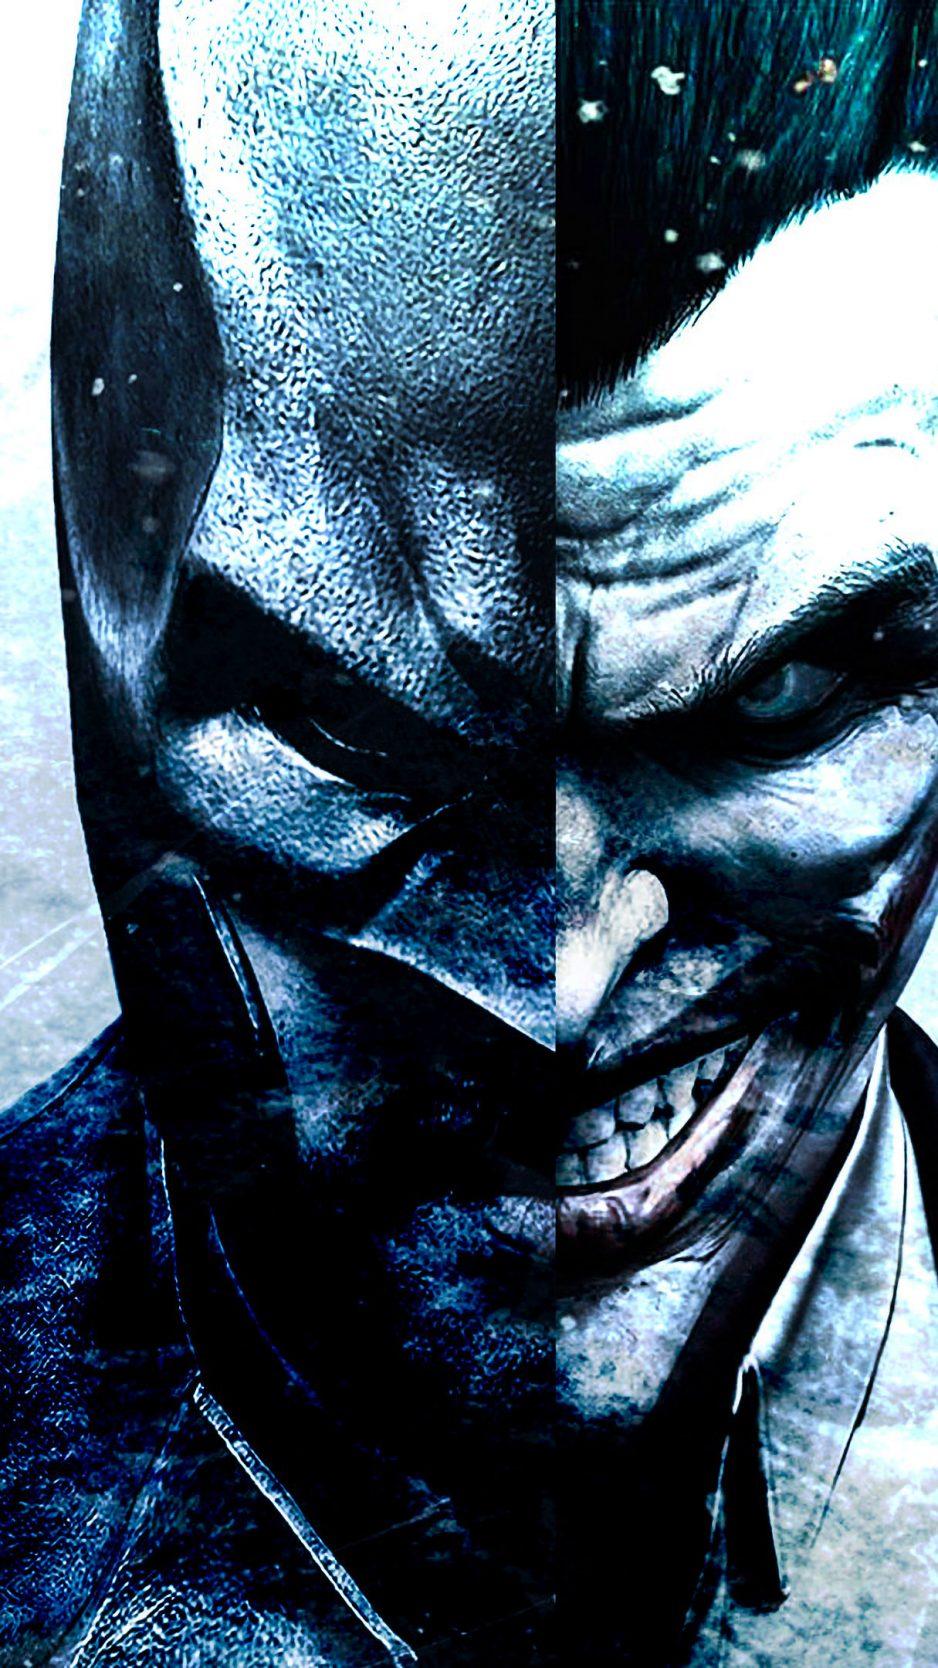 Batman Joker Face 4K Wallpaper  Best Wallpapers